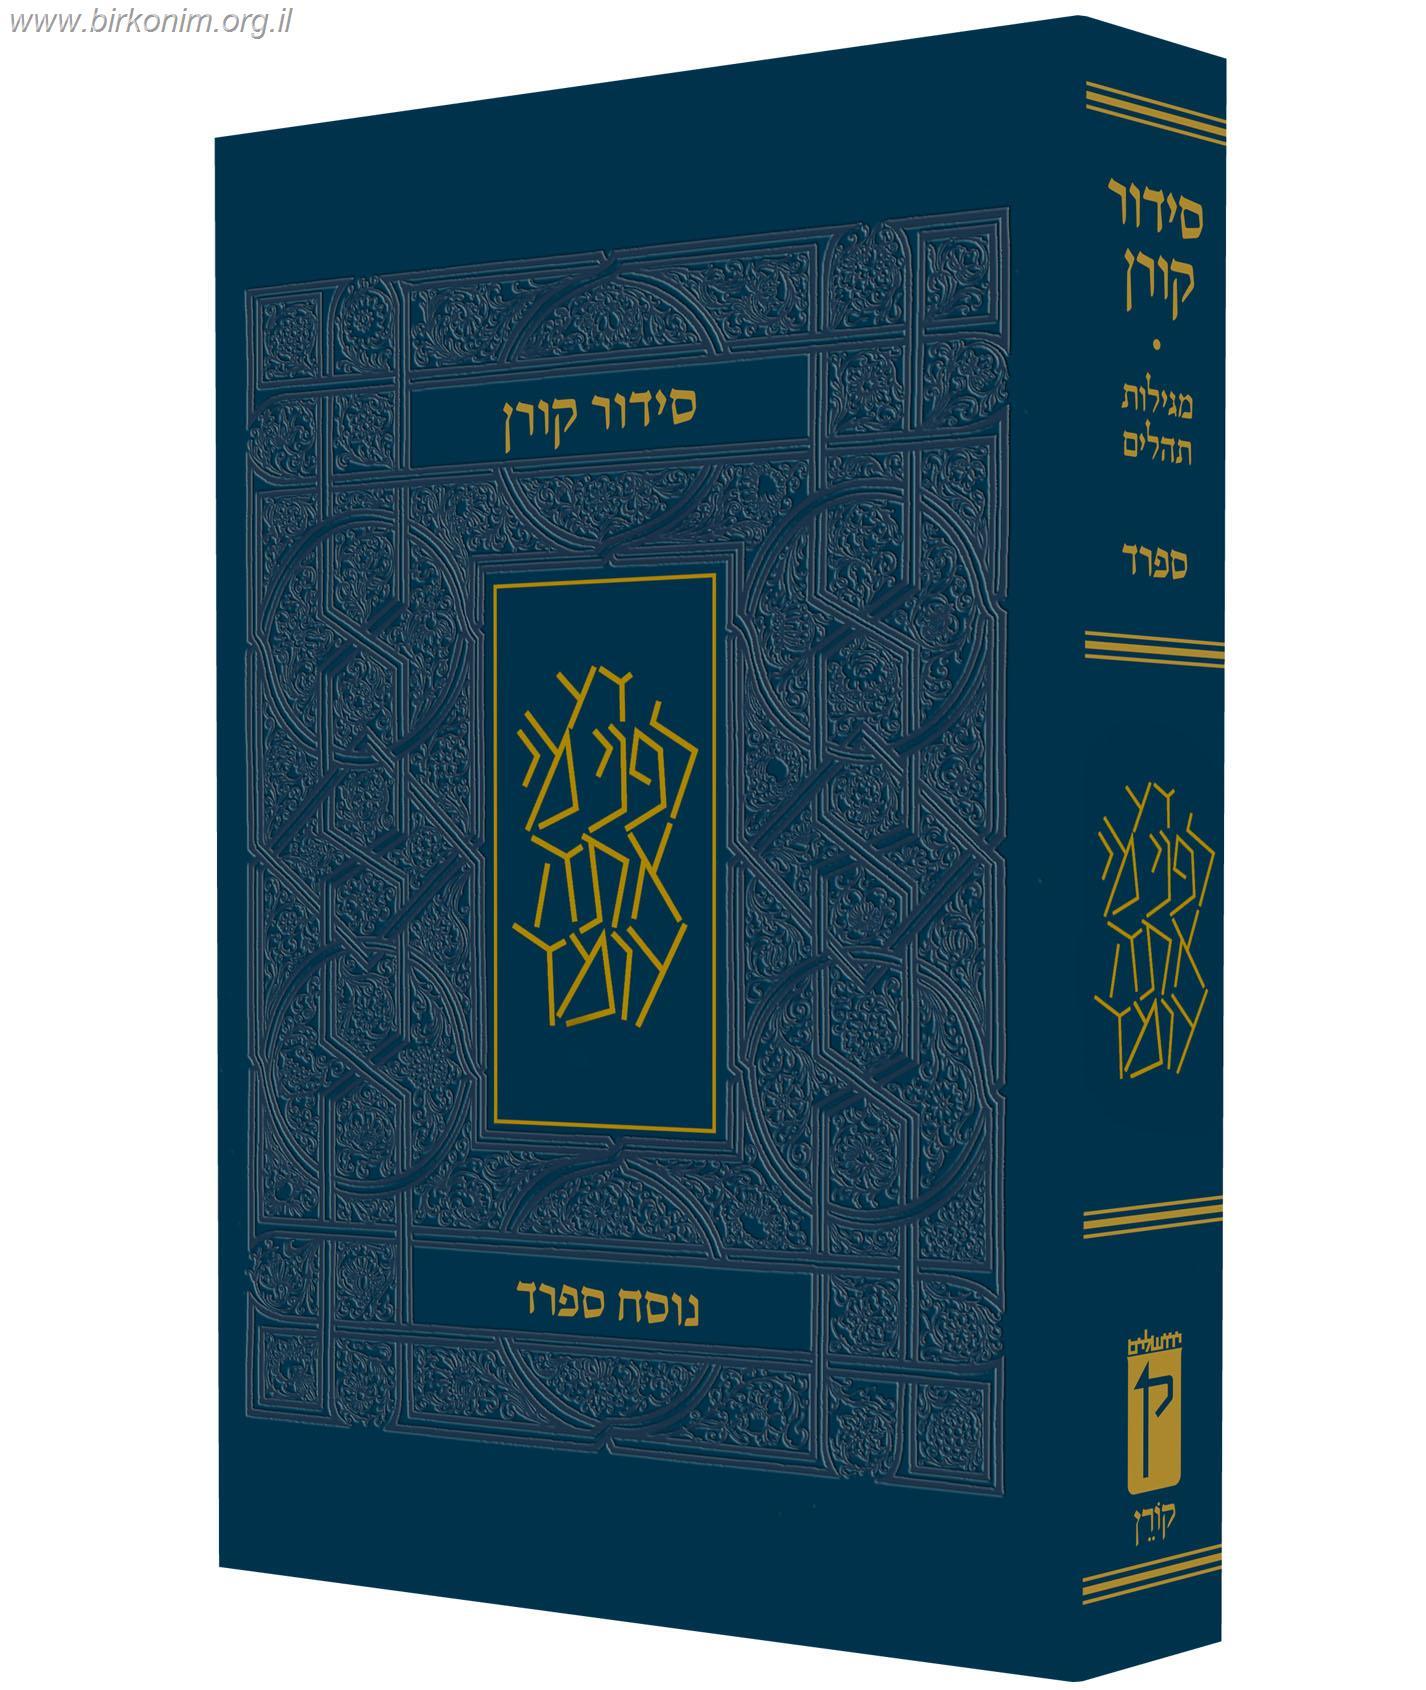 סידור קורן - מהדורה קטנה בכריכה גמישה